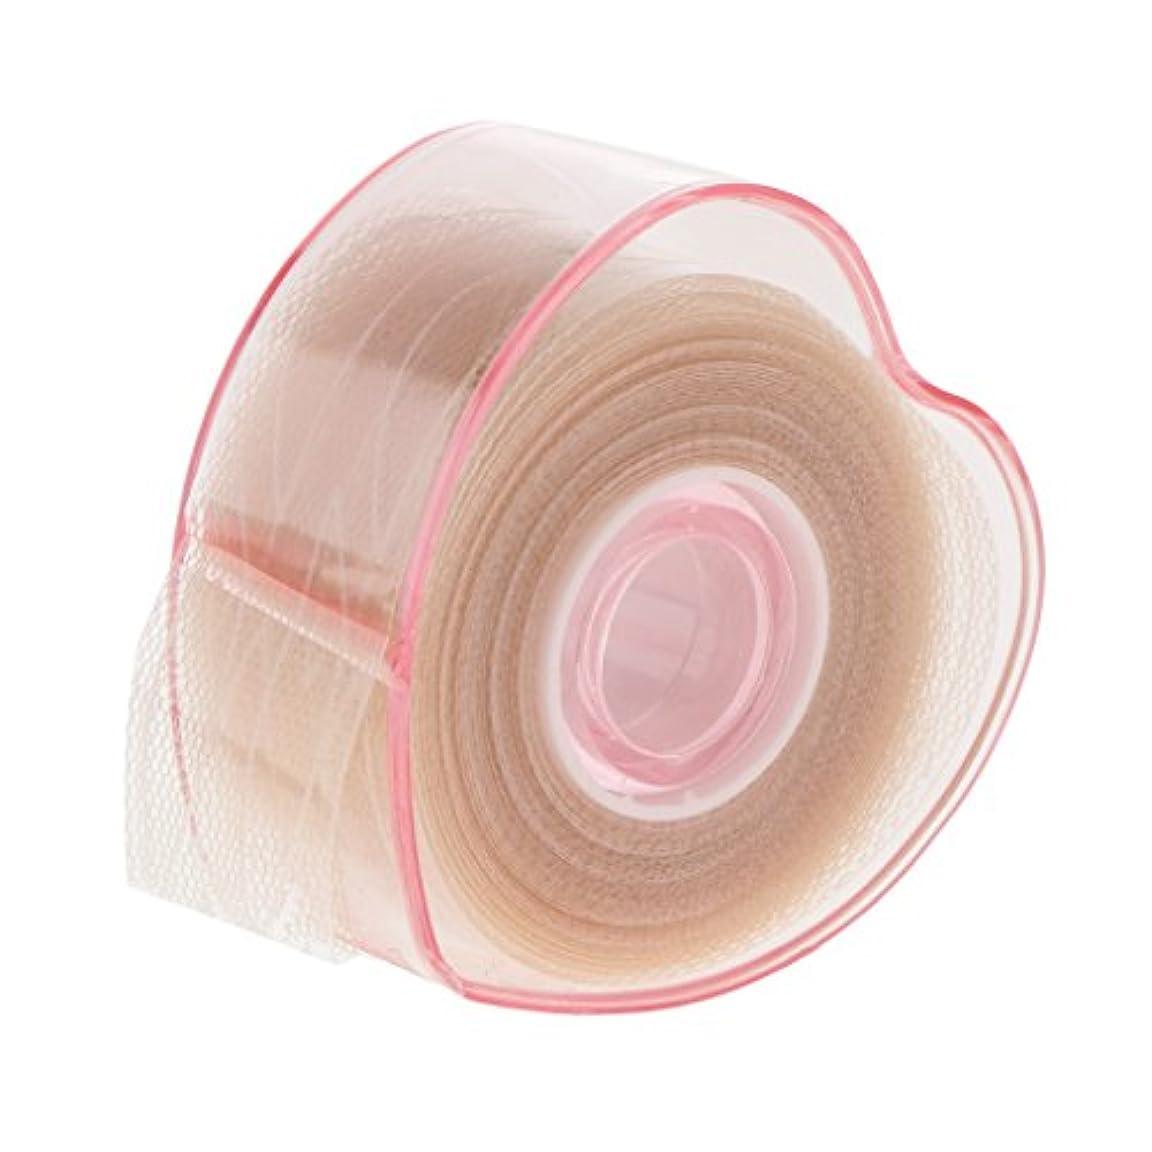 不健全糸やろう二重まぶたロール 二重まぶた テープロール 繊維 レース メッシュ 粘着性なし メイクアップ アイメイク 自然 4タイプ選べる - 図示のように, 説明したように